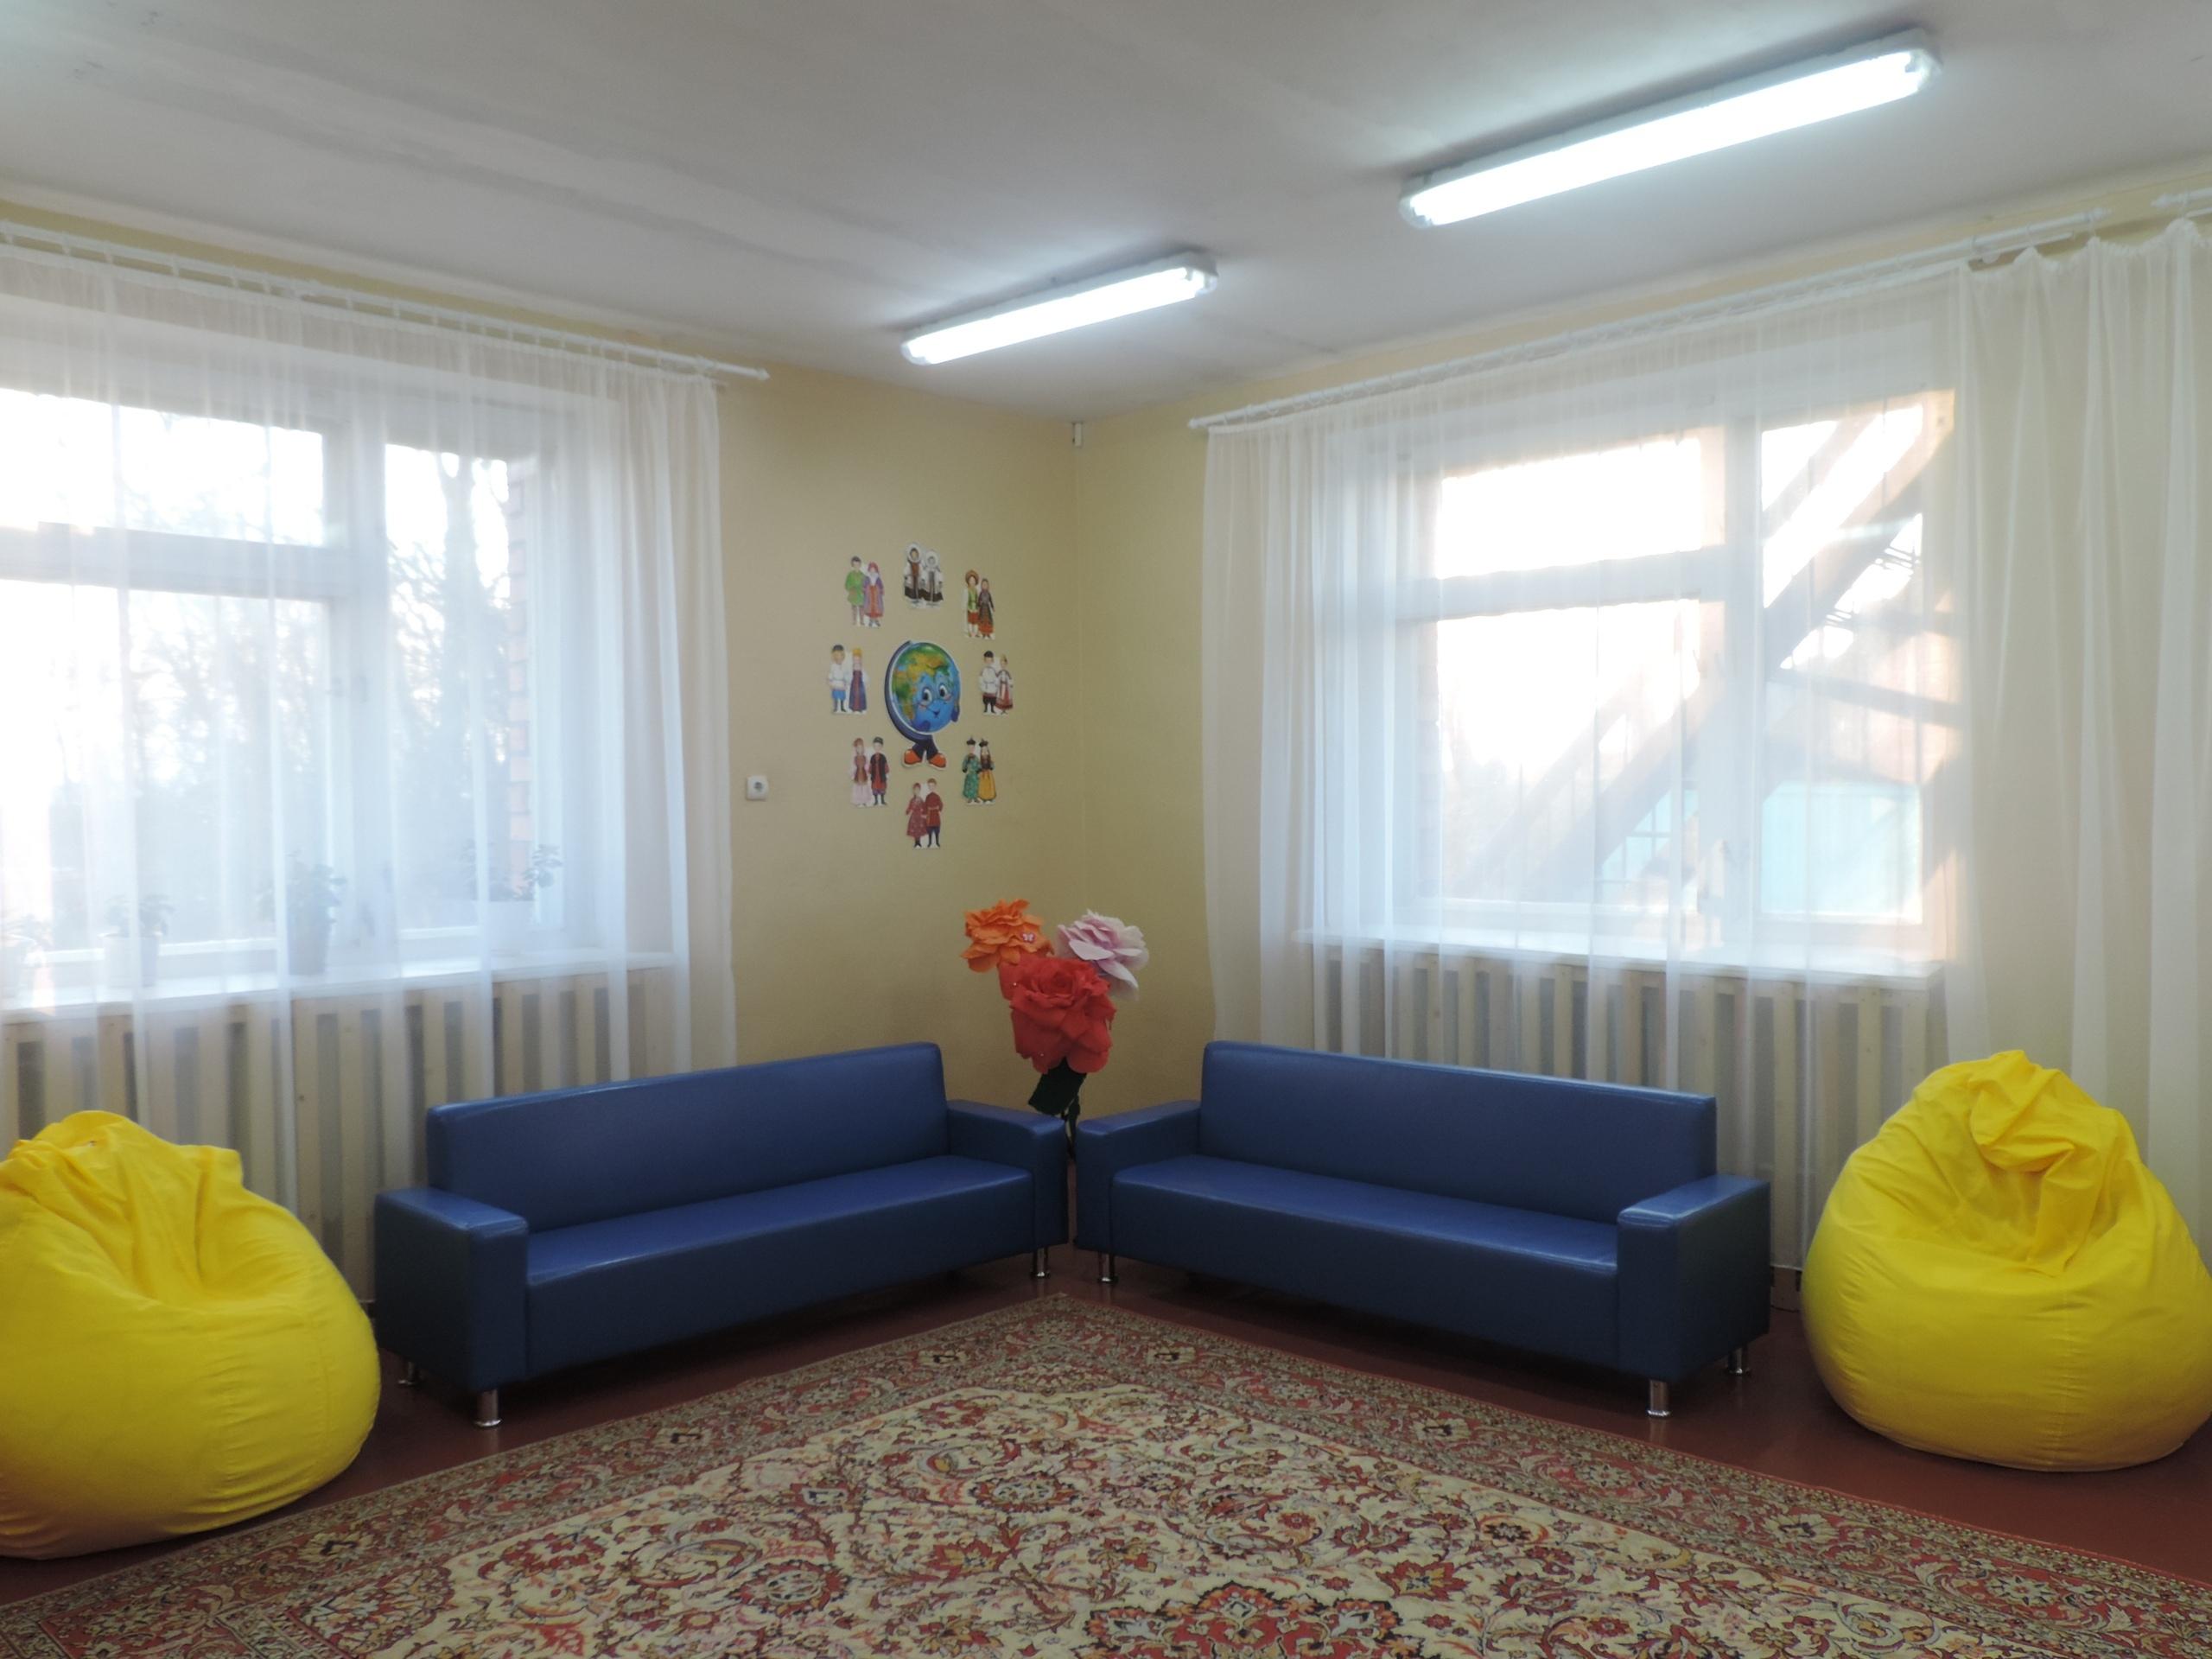 В Удорском районе открылся Центр развития этнокультурного образования